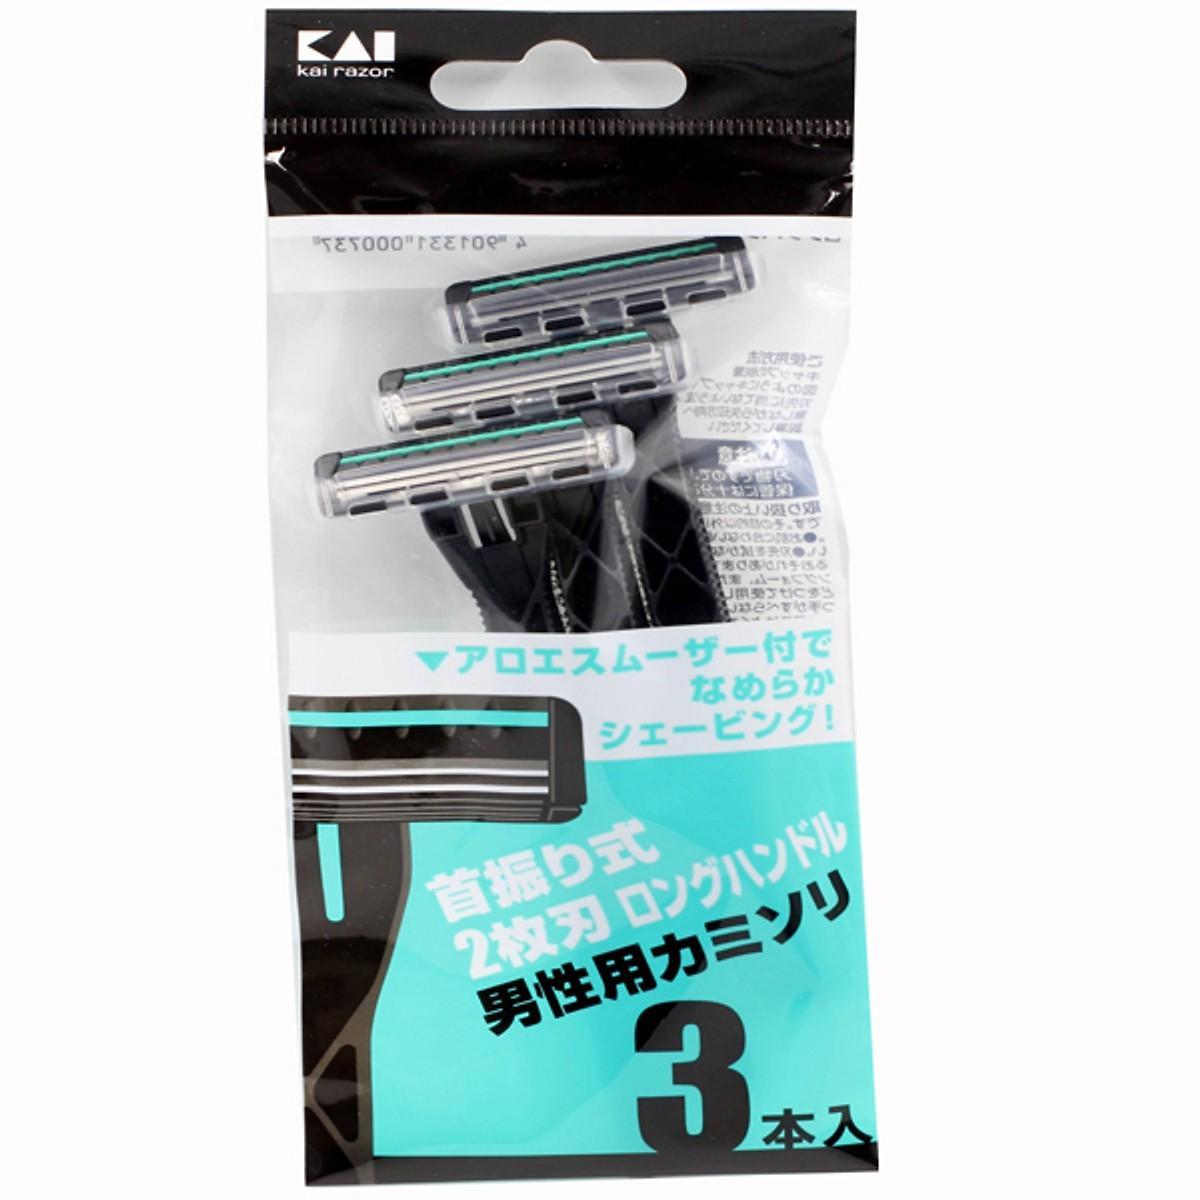 Set 3 dao cạo 2 lưỡi kép KAI (màu đen) nội địa Nhật Bản tốt nhất